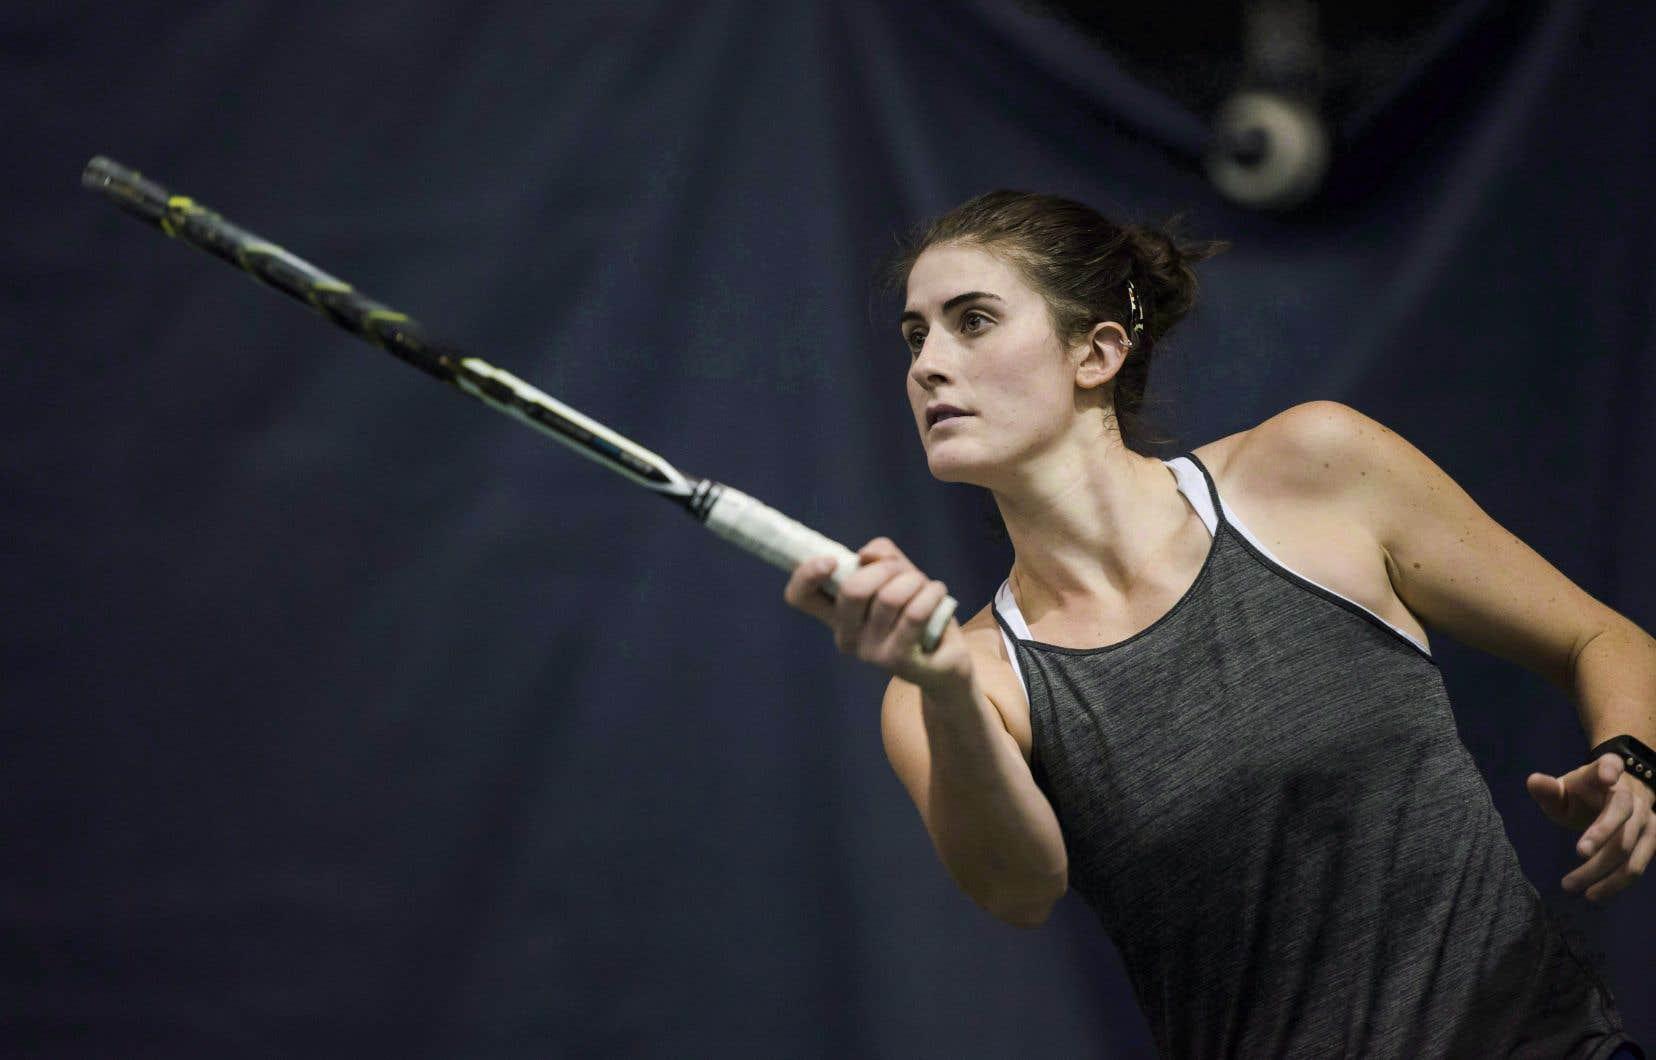 La Canadienne Rebecca Marino à l'entraînement, en 2017